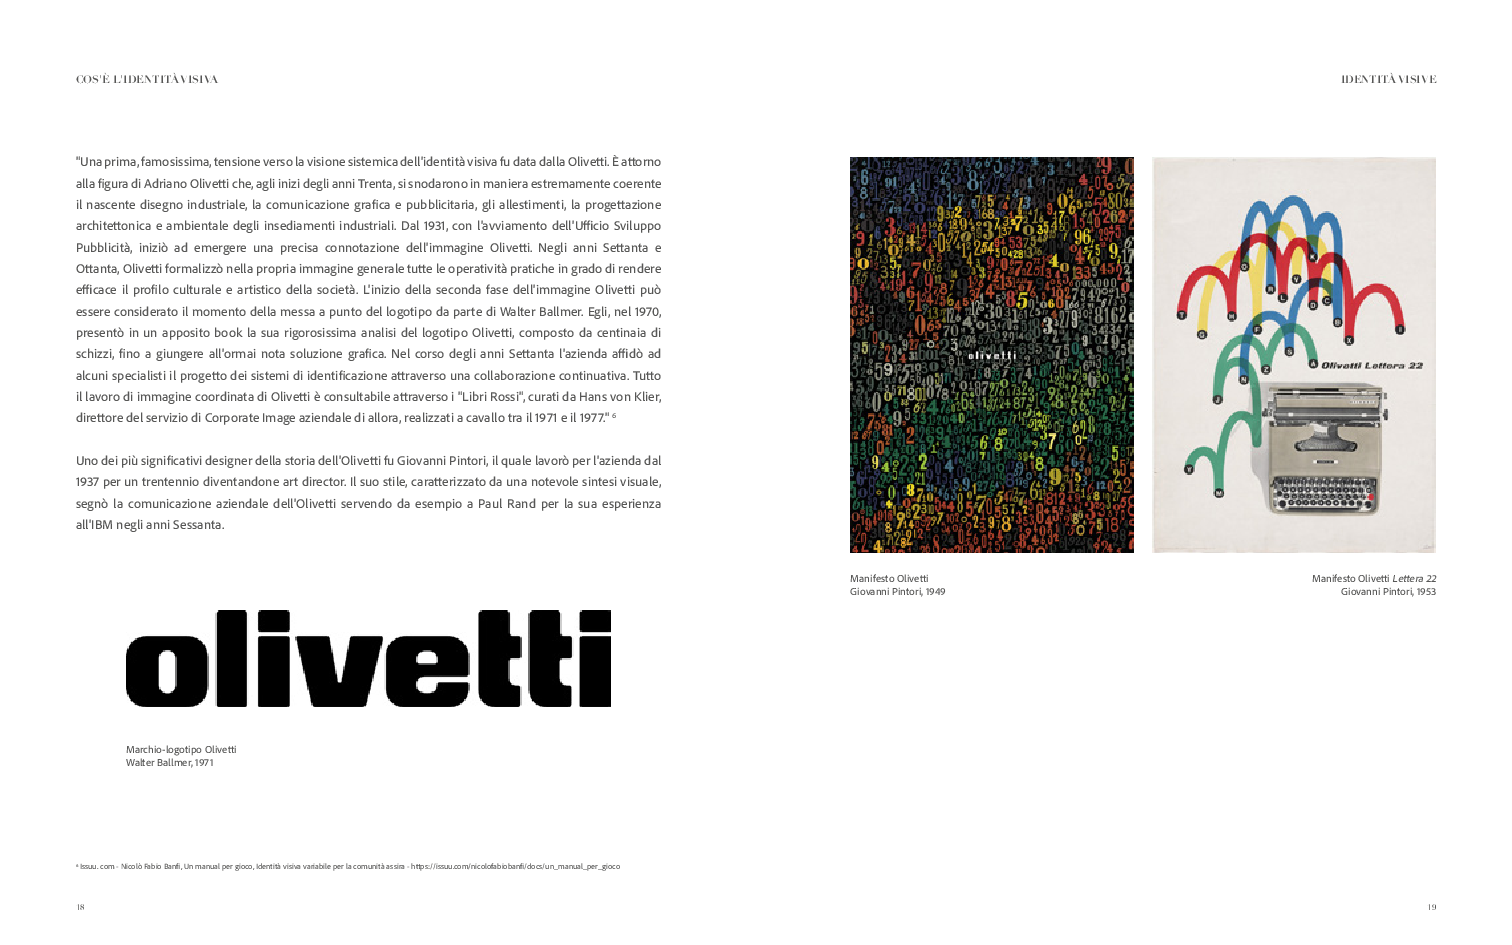 Anteprima della tesi: La Mole Antonelliana e il Museo Nazionale del Cinema di Torino. Dalla storia ad un nuovo progetto di identità visiva, Pagina 5